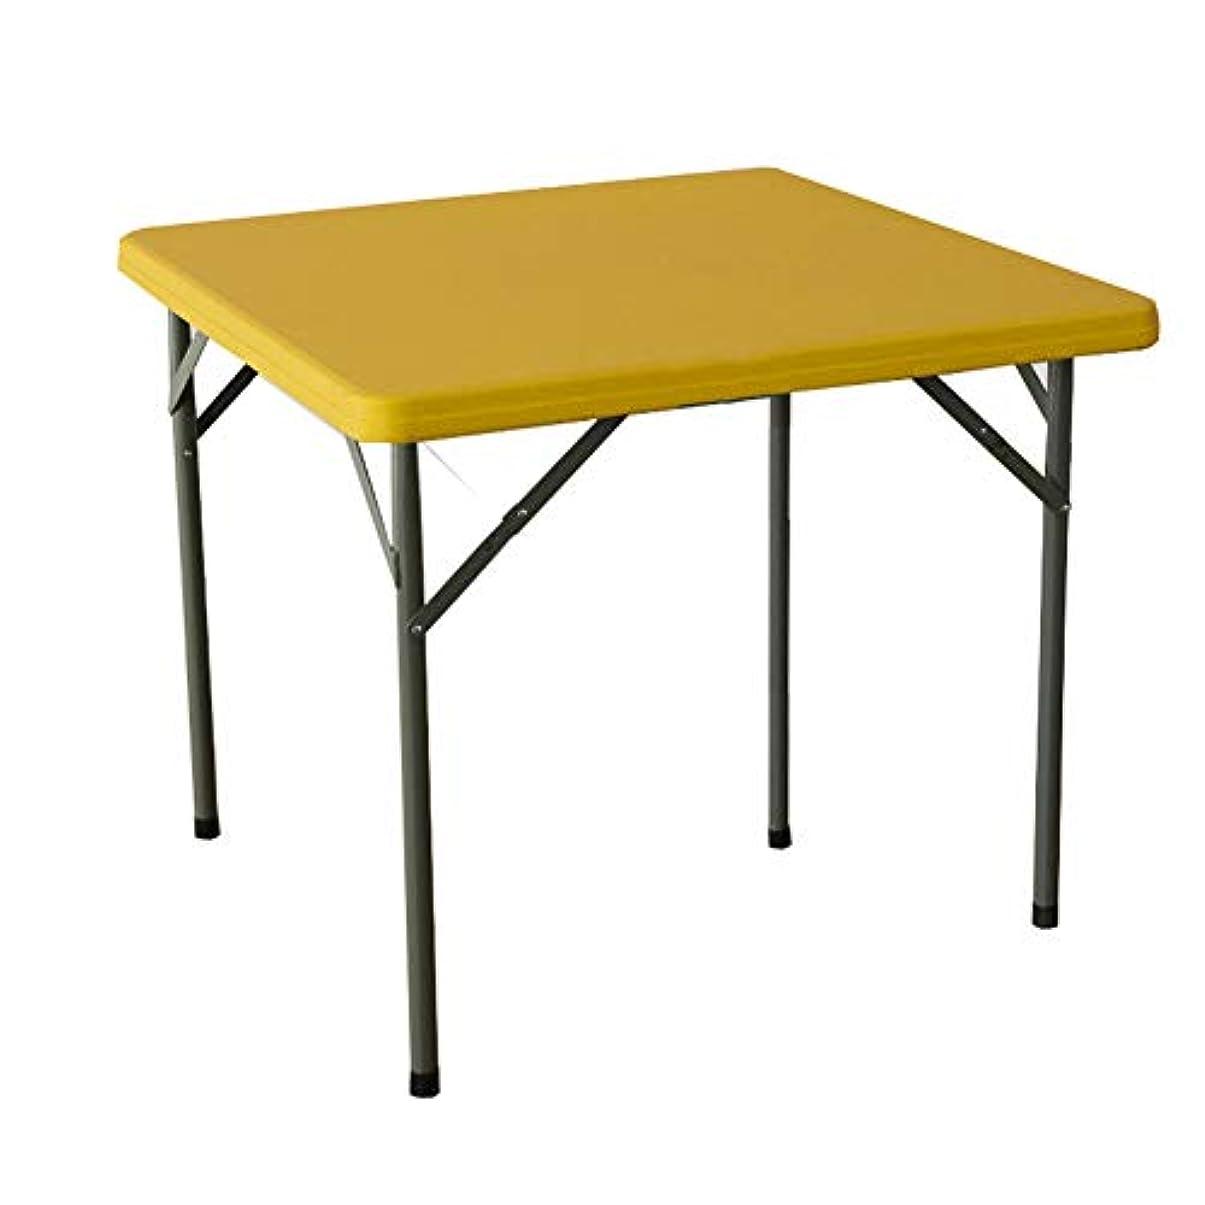 NJLC折りたたみサイドテーブル、ダイニングテーブルホーム折りたたみテーブルスクエアシンプルな多機能折りたたみテーブル,D